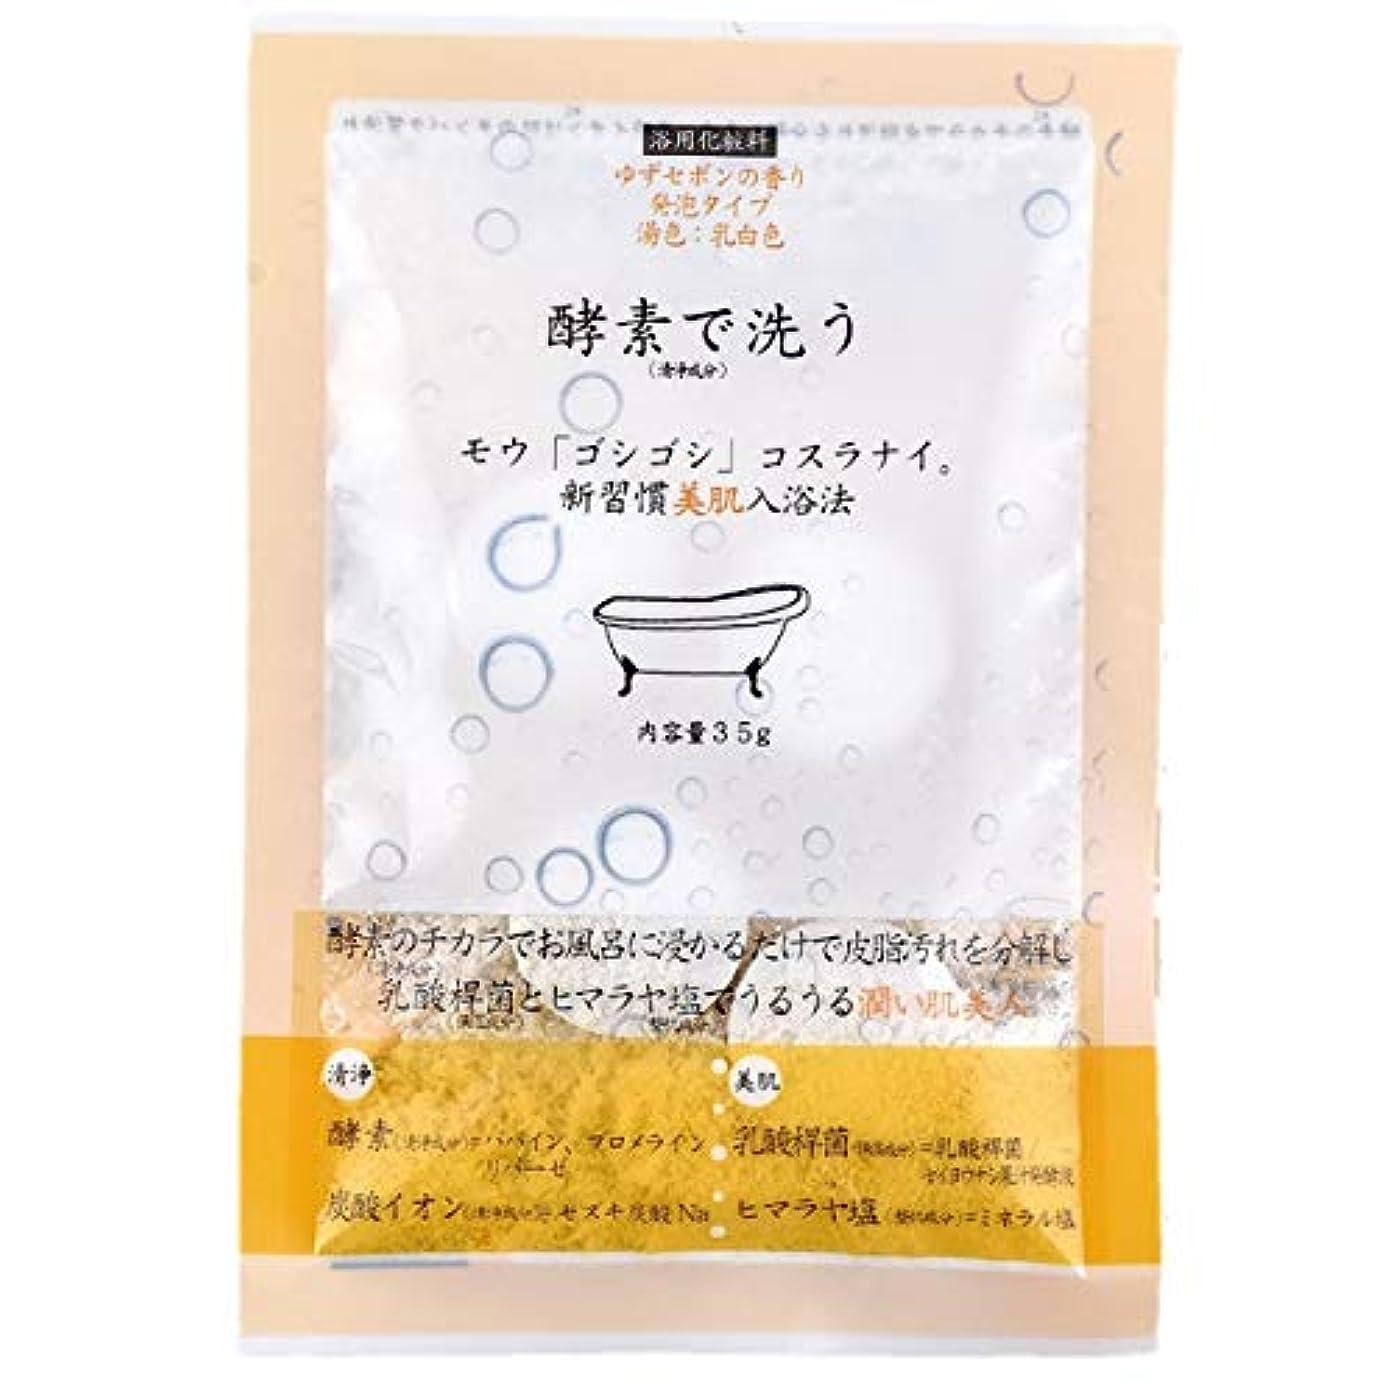 インポート遅い密輸ほんやら堂 酵素で洗う入浴料 ゆずセボン 乳白色 微発砲 1箱 12個入り BTP25691